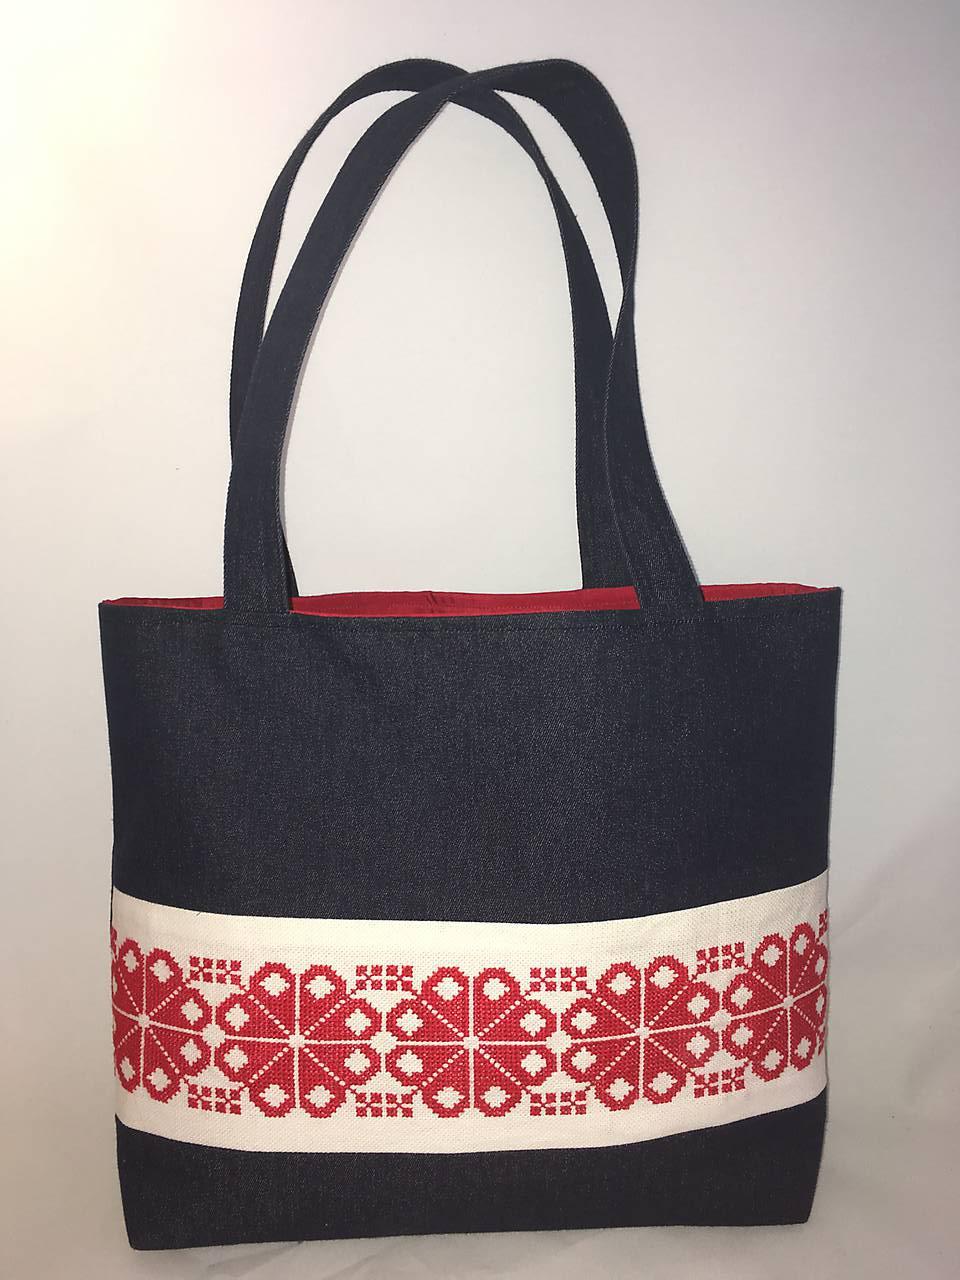 Riflová taška s ľudovou výšivkou   TASKYODMARUSKY - SAShE.sk ... 80842968718